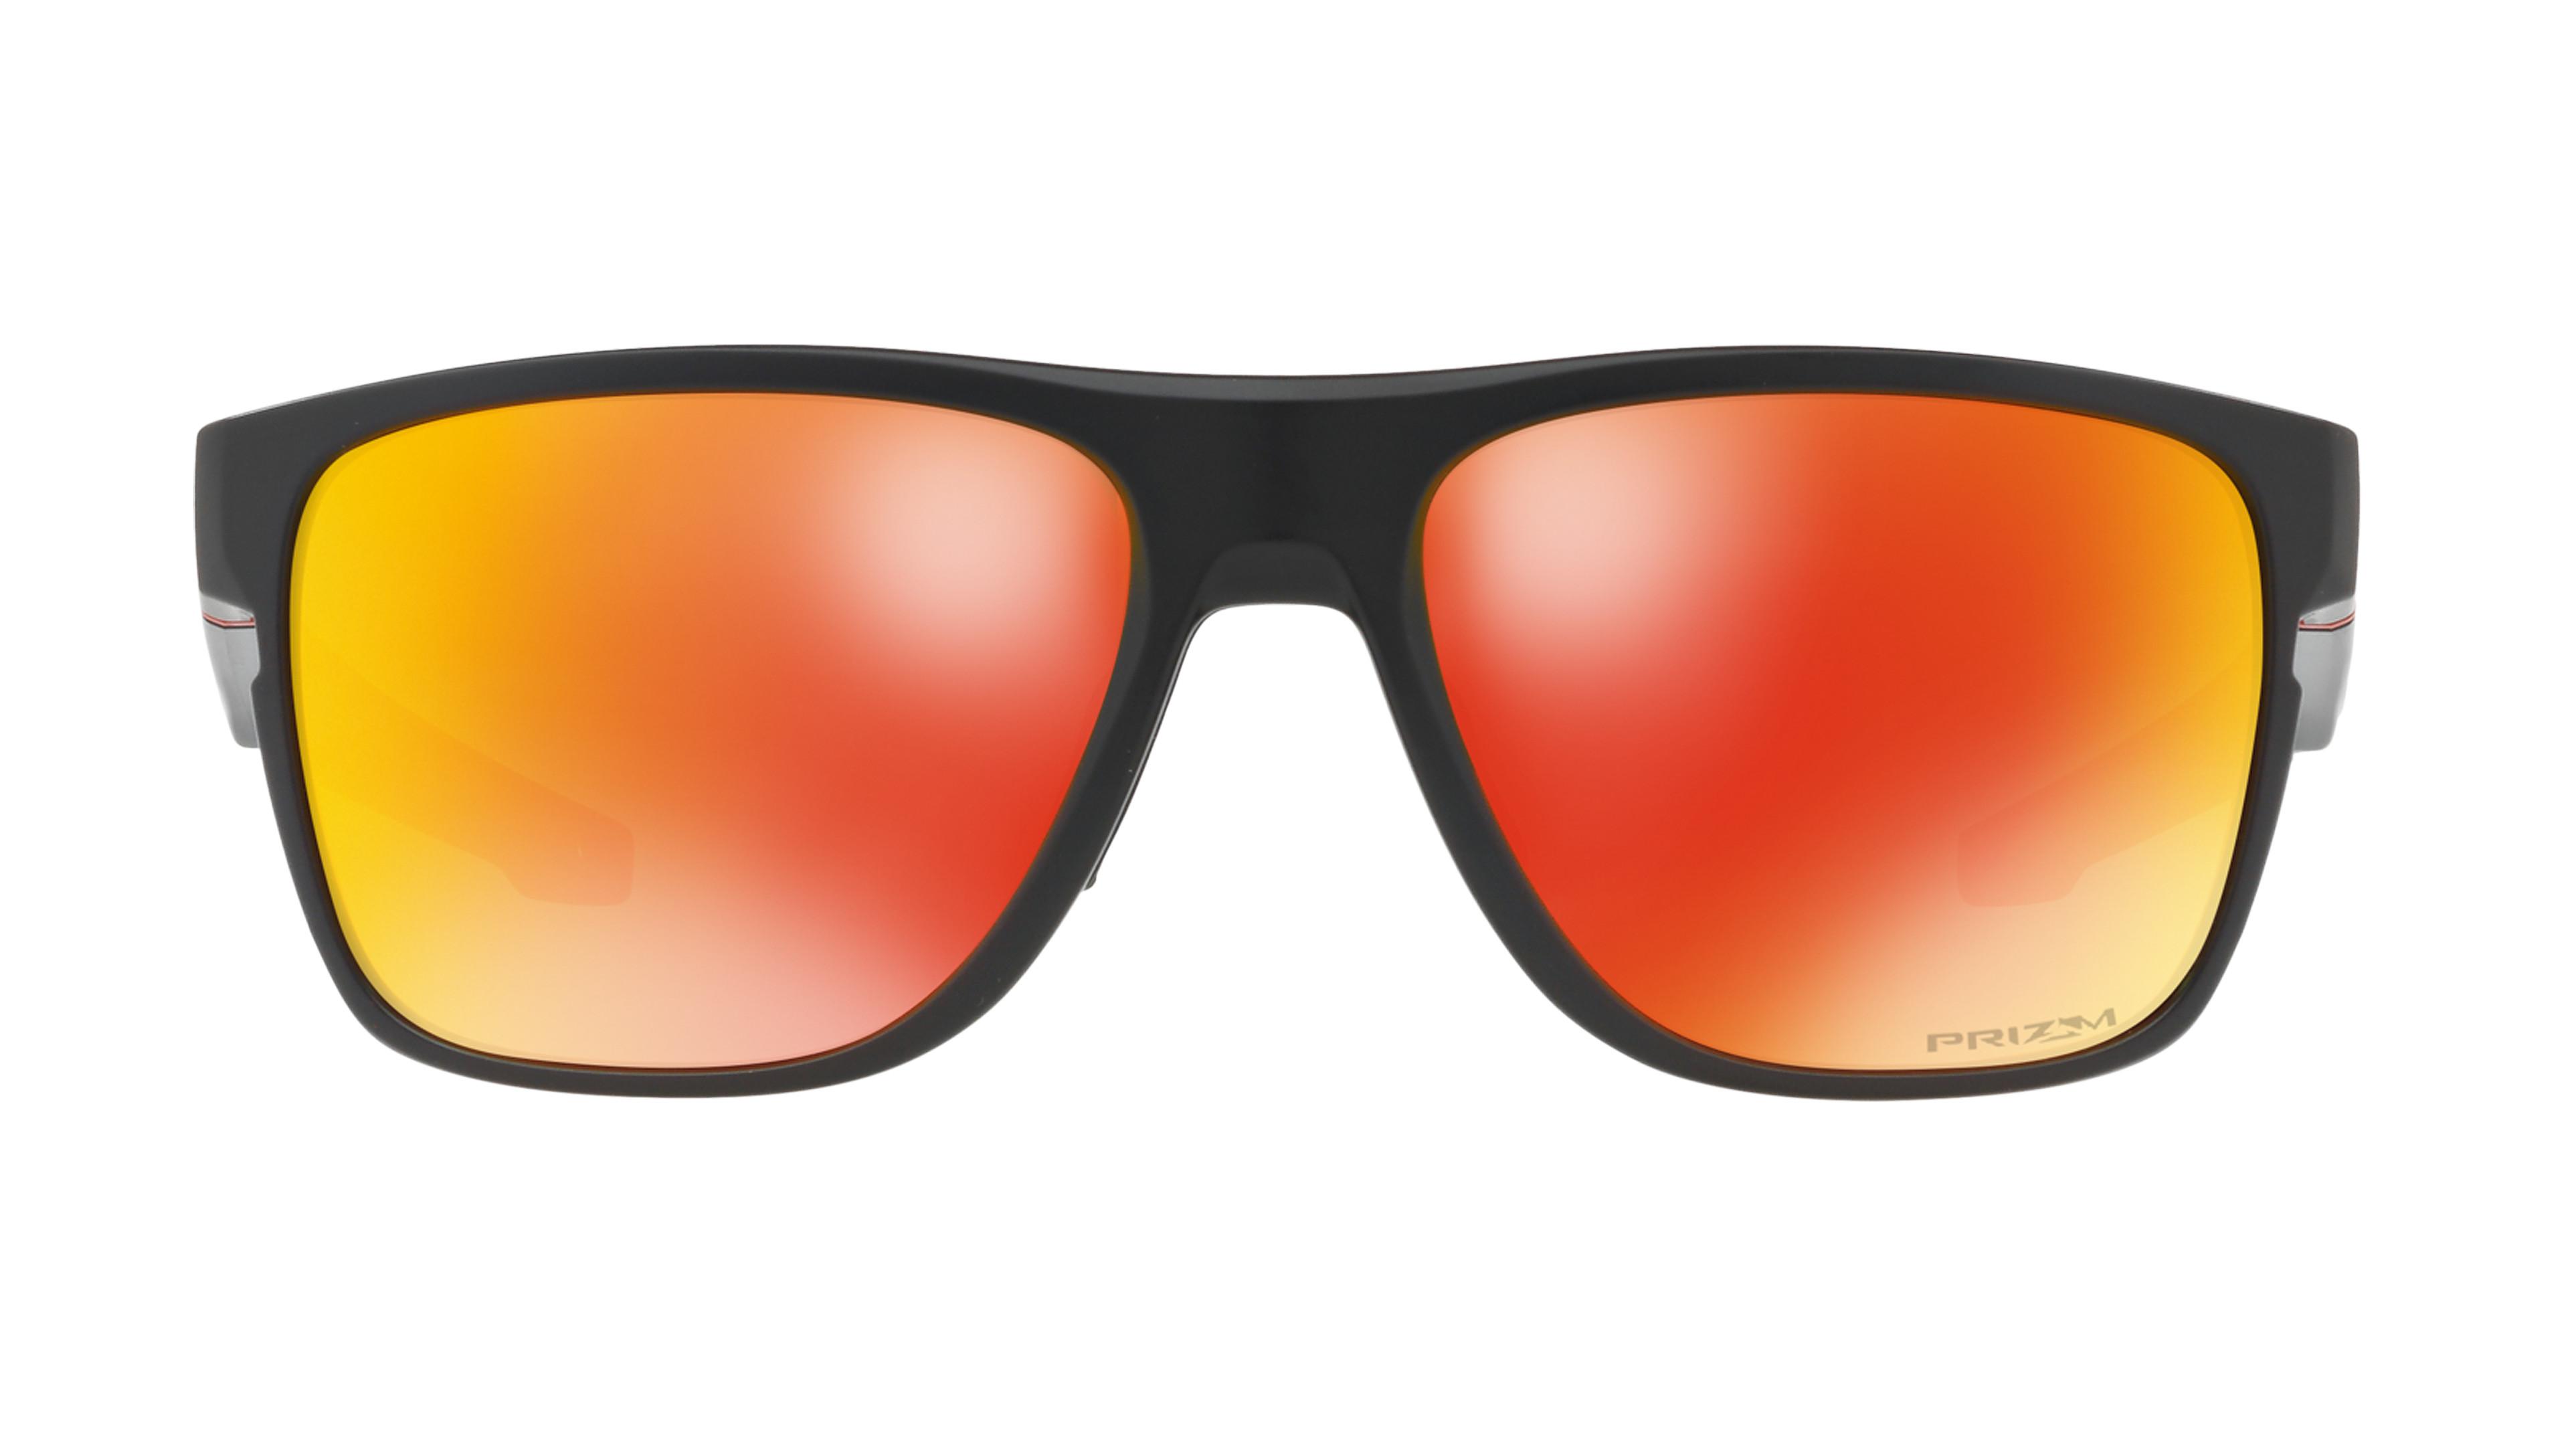 Ray Ban Aviator Sonnenbrille von Oakley, Inc. bunte